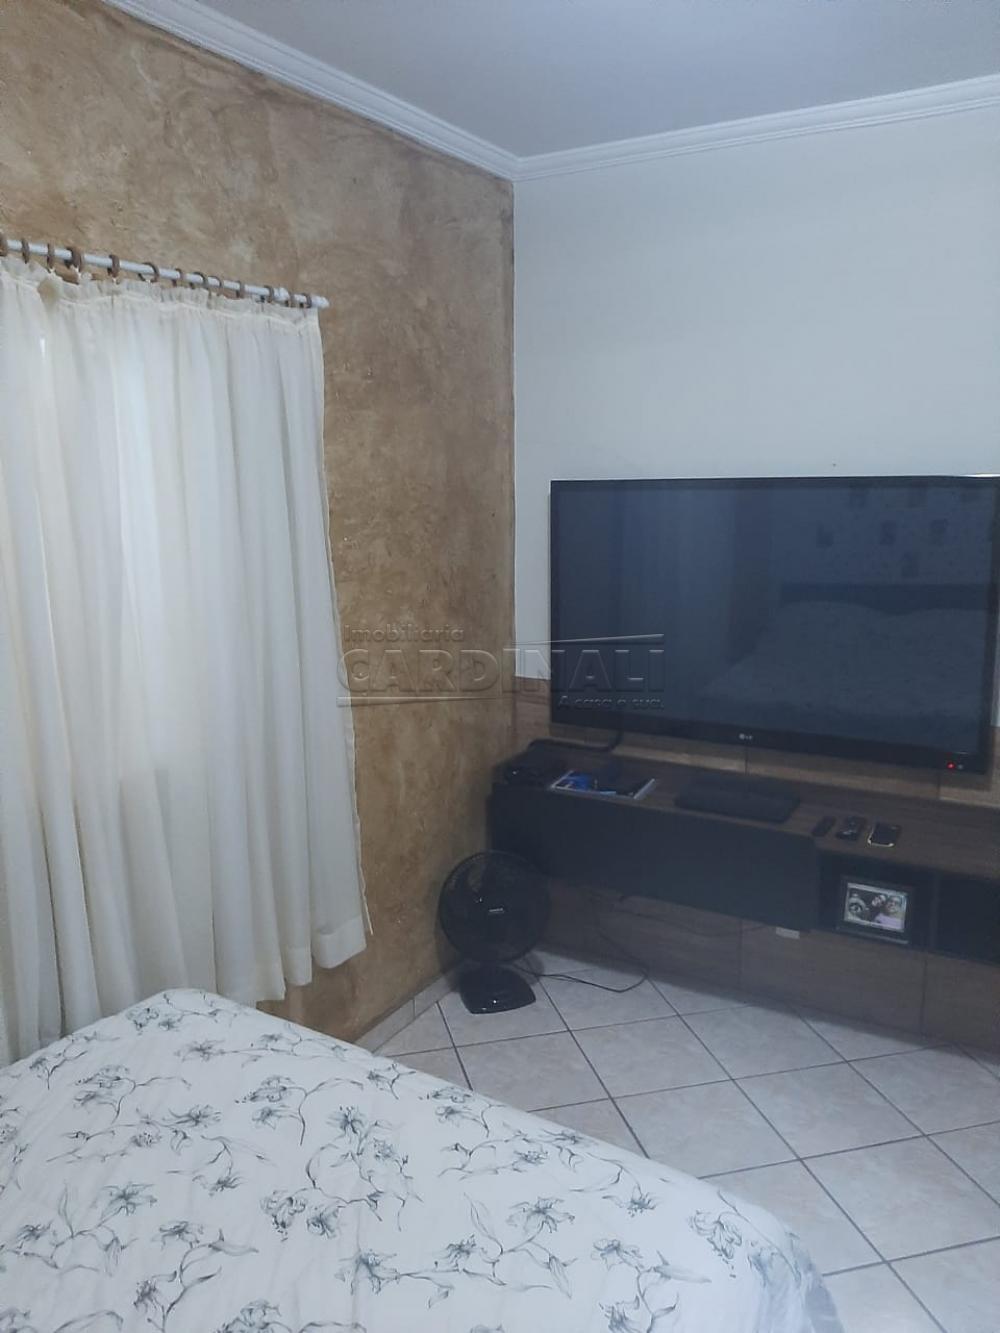 Comprar Casa / Padrão em São Carlos R$ 373.000,00 - Foto 29